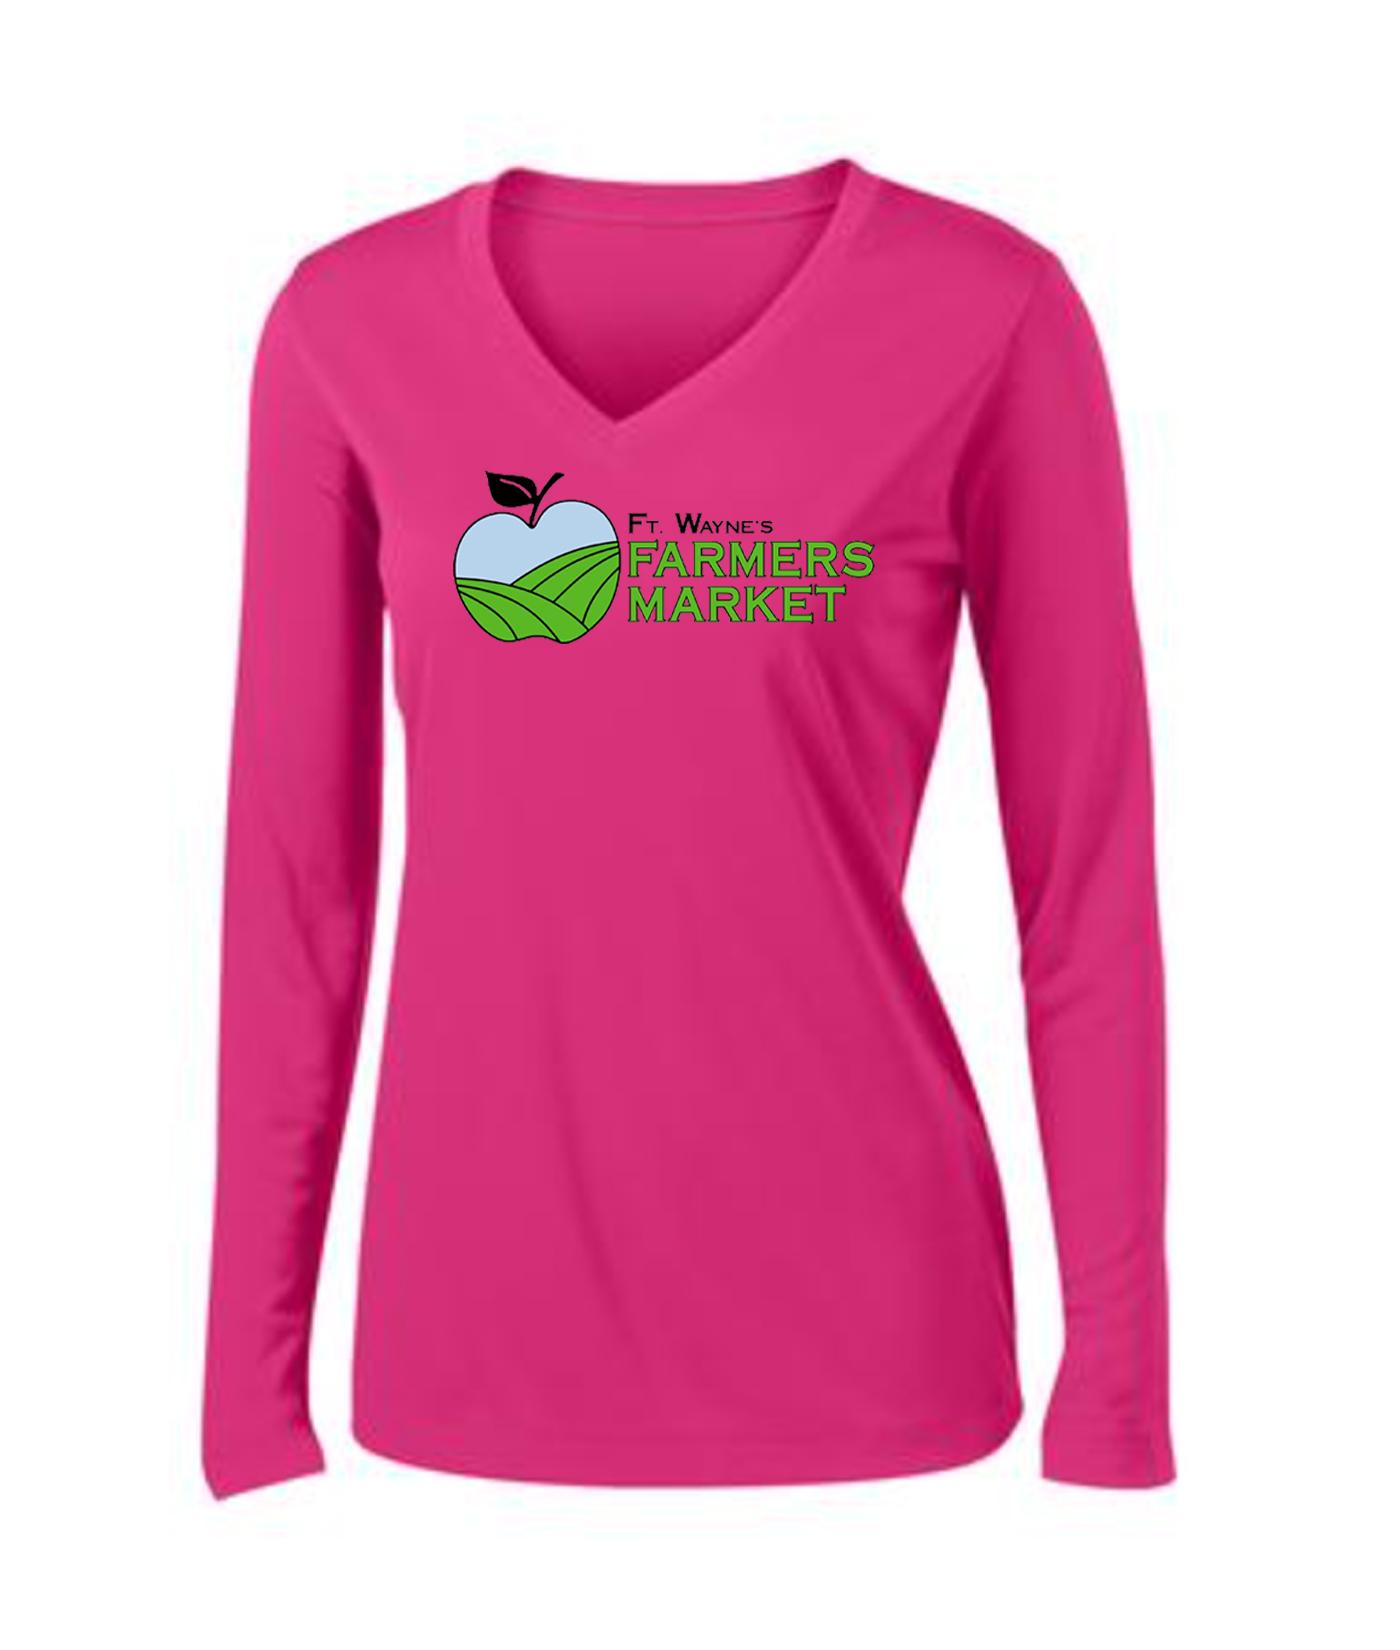 Fort Wayne Farmers Market Performance Pink Long Sleeve Tee Ladies